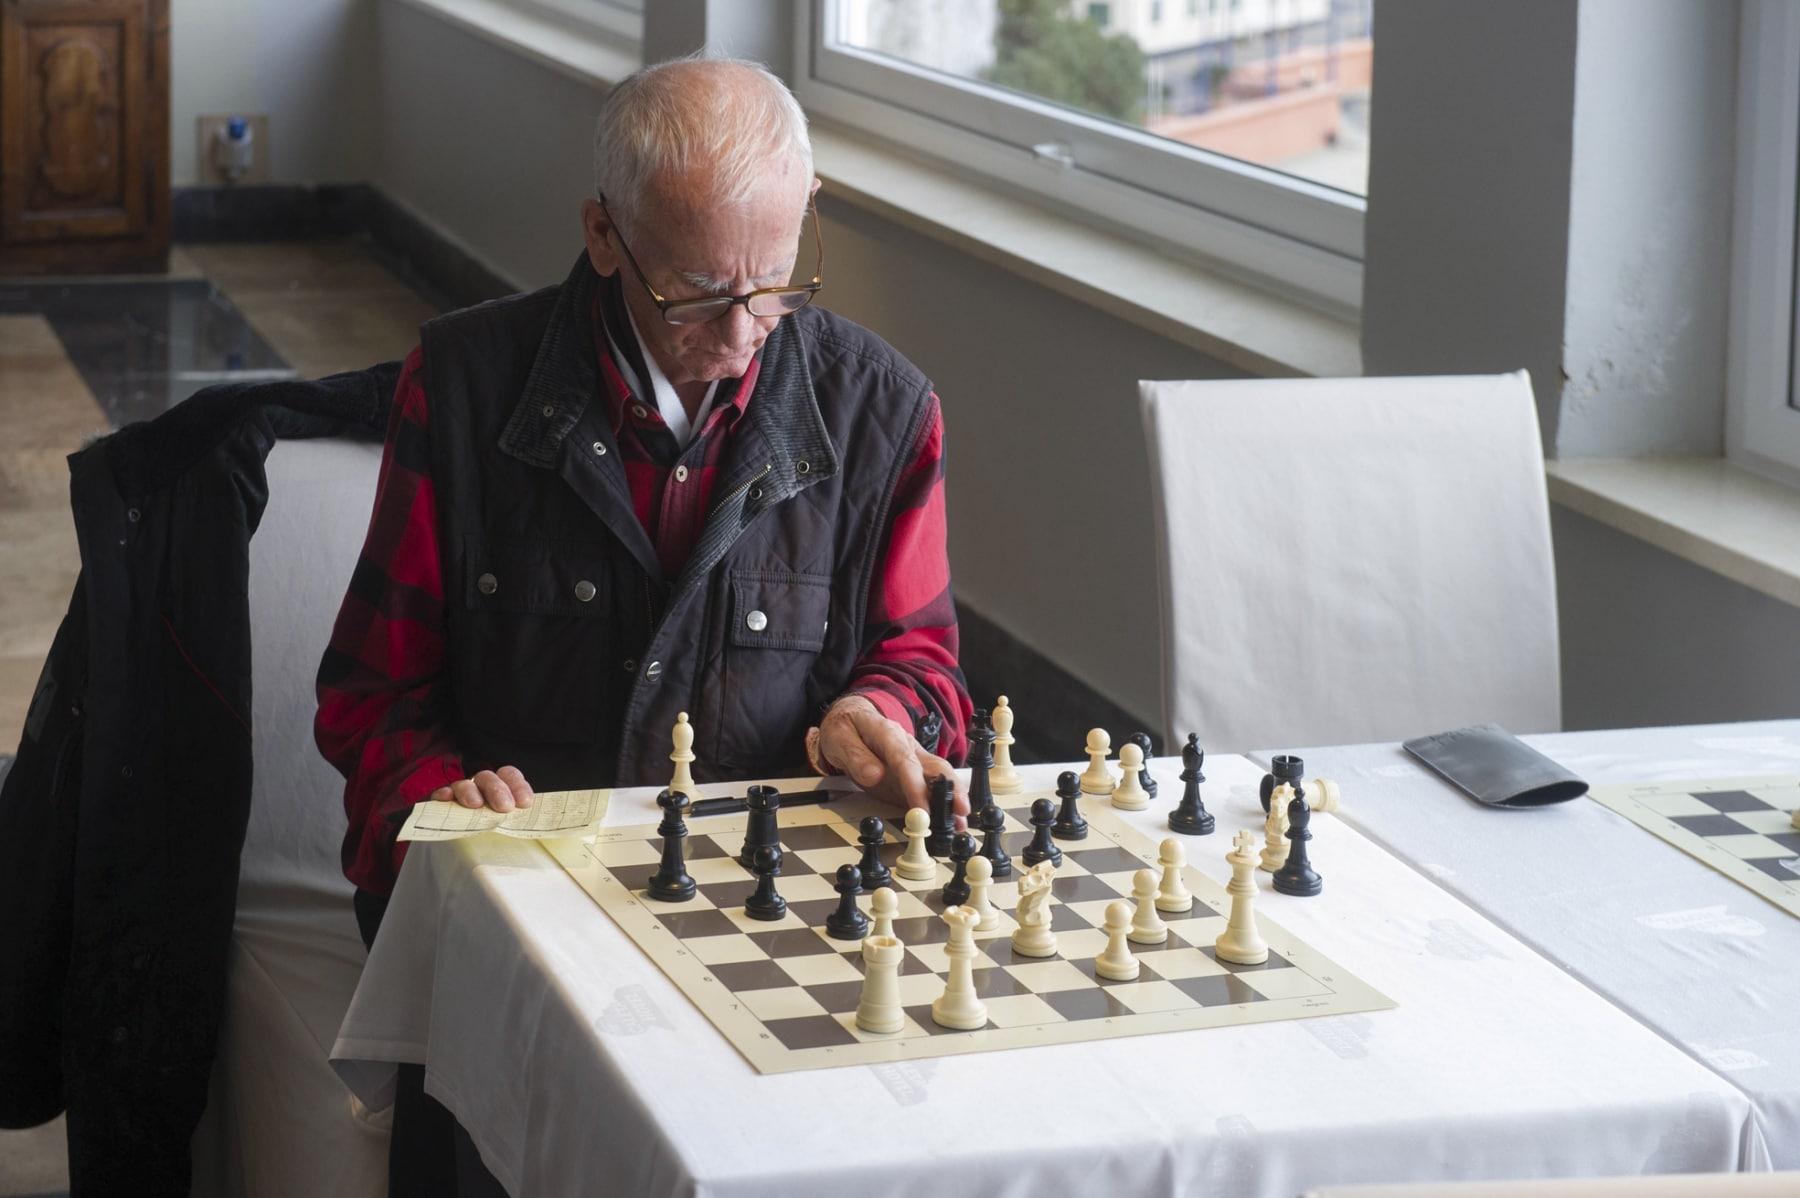 tradewise-chess-festival-entrevistas-y-ambiente30_12249212783_o